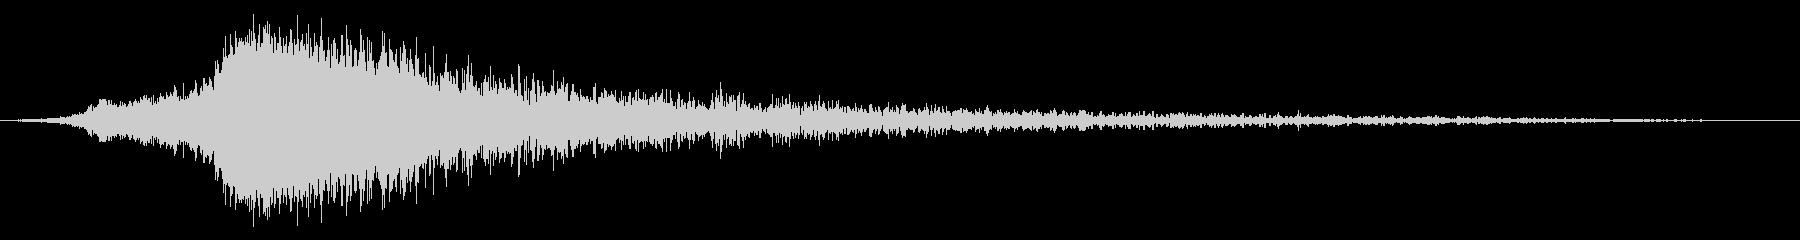 シャキーン♪クリア,達成,回復等に最適6の未再生の波形